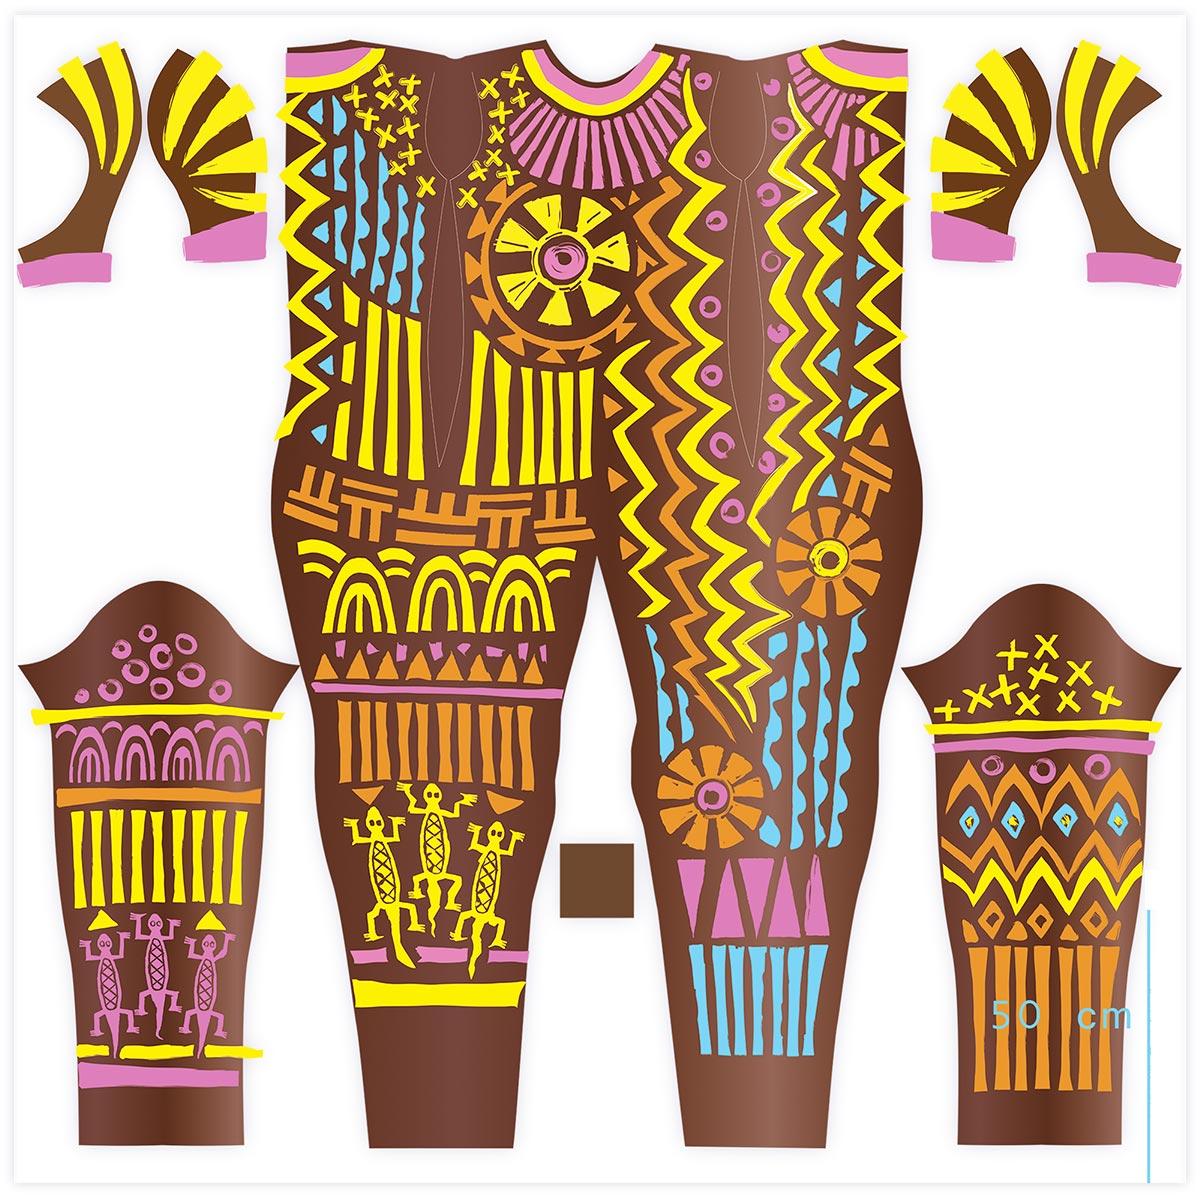 Panafrica 2009 Costumier D. Belugou. Atelier FBG. Peinture numérique pour impression